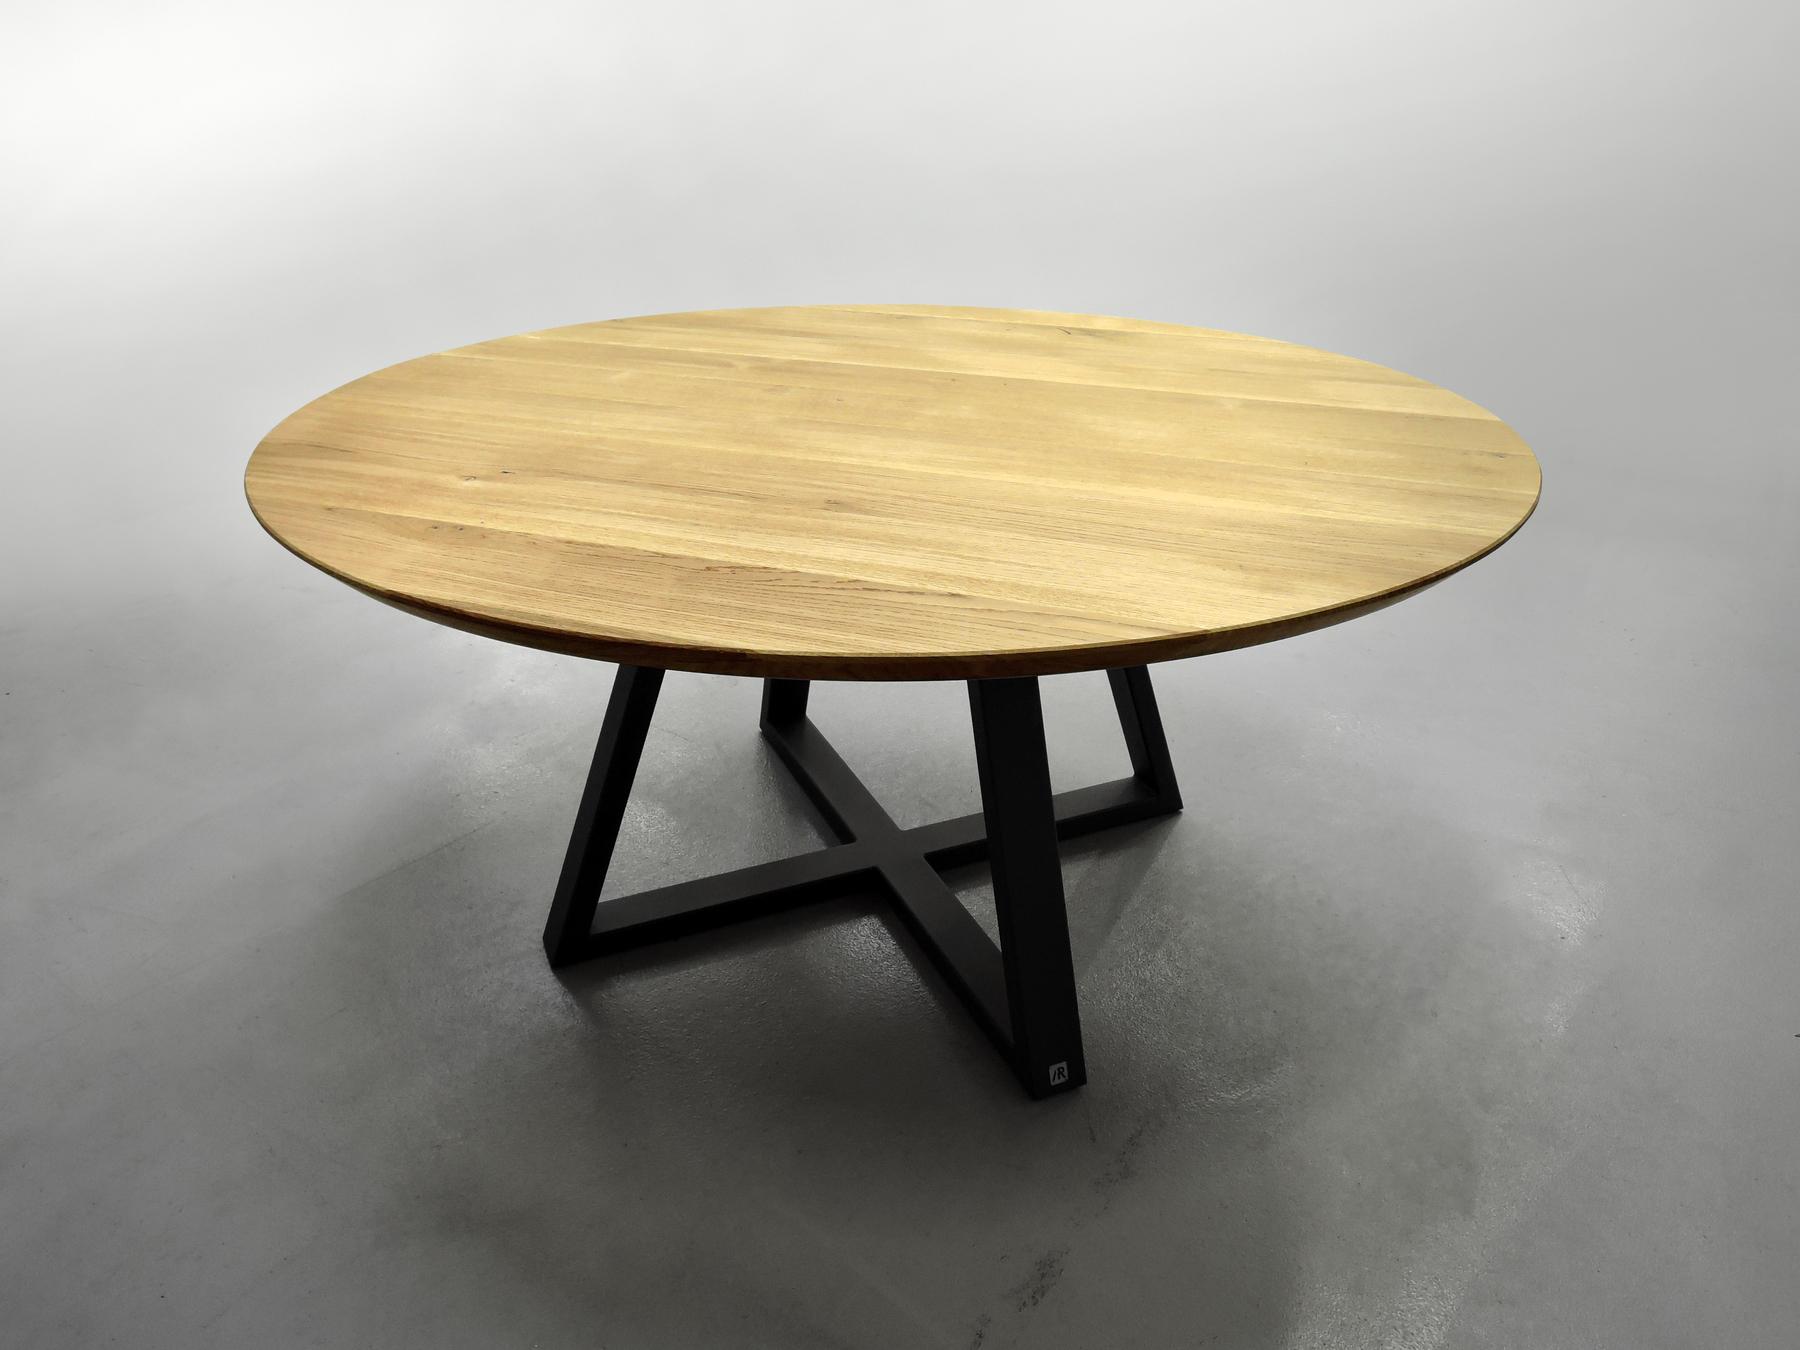 table x ronde m tal et bois massif design pur. Black Bedroom Furniture Sets. Home Design Ideas